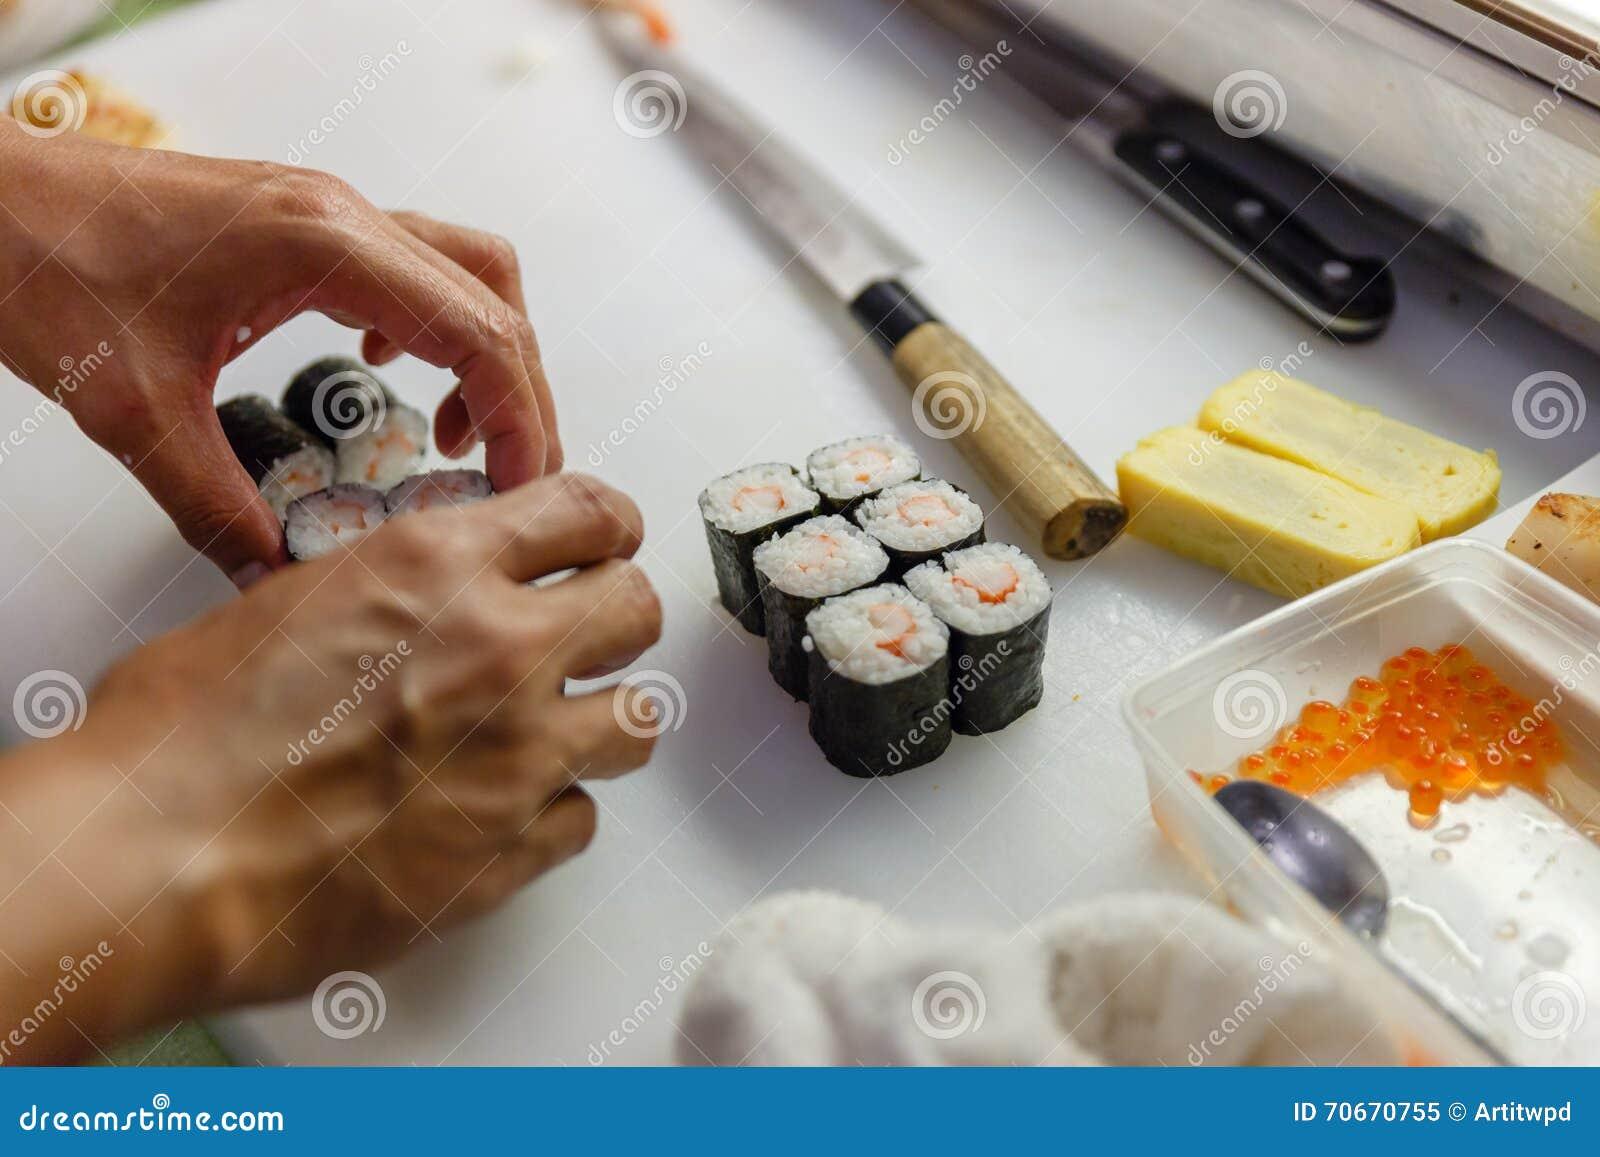 De besnoeiing Kani Sushi Rolls Ready voor dient